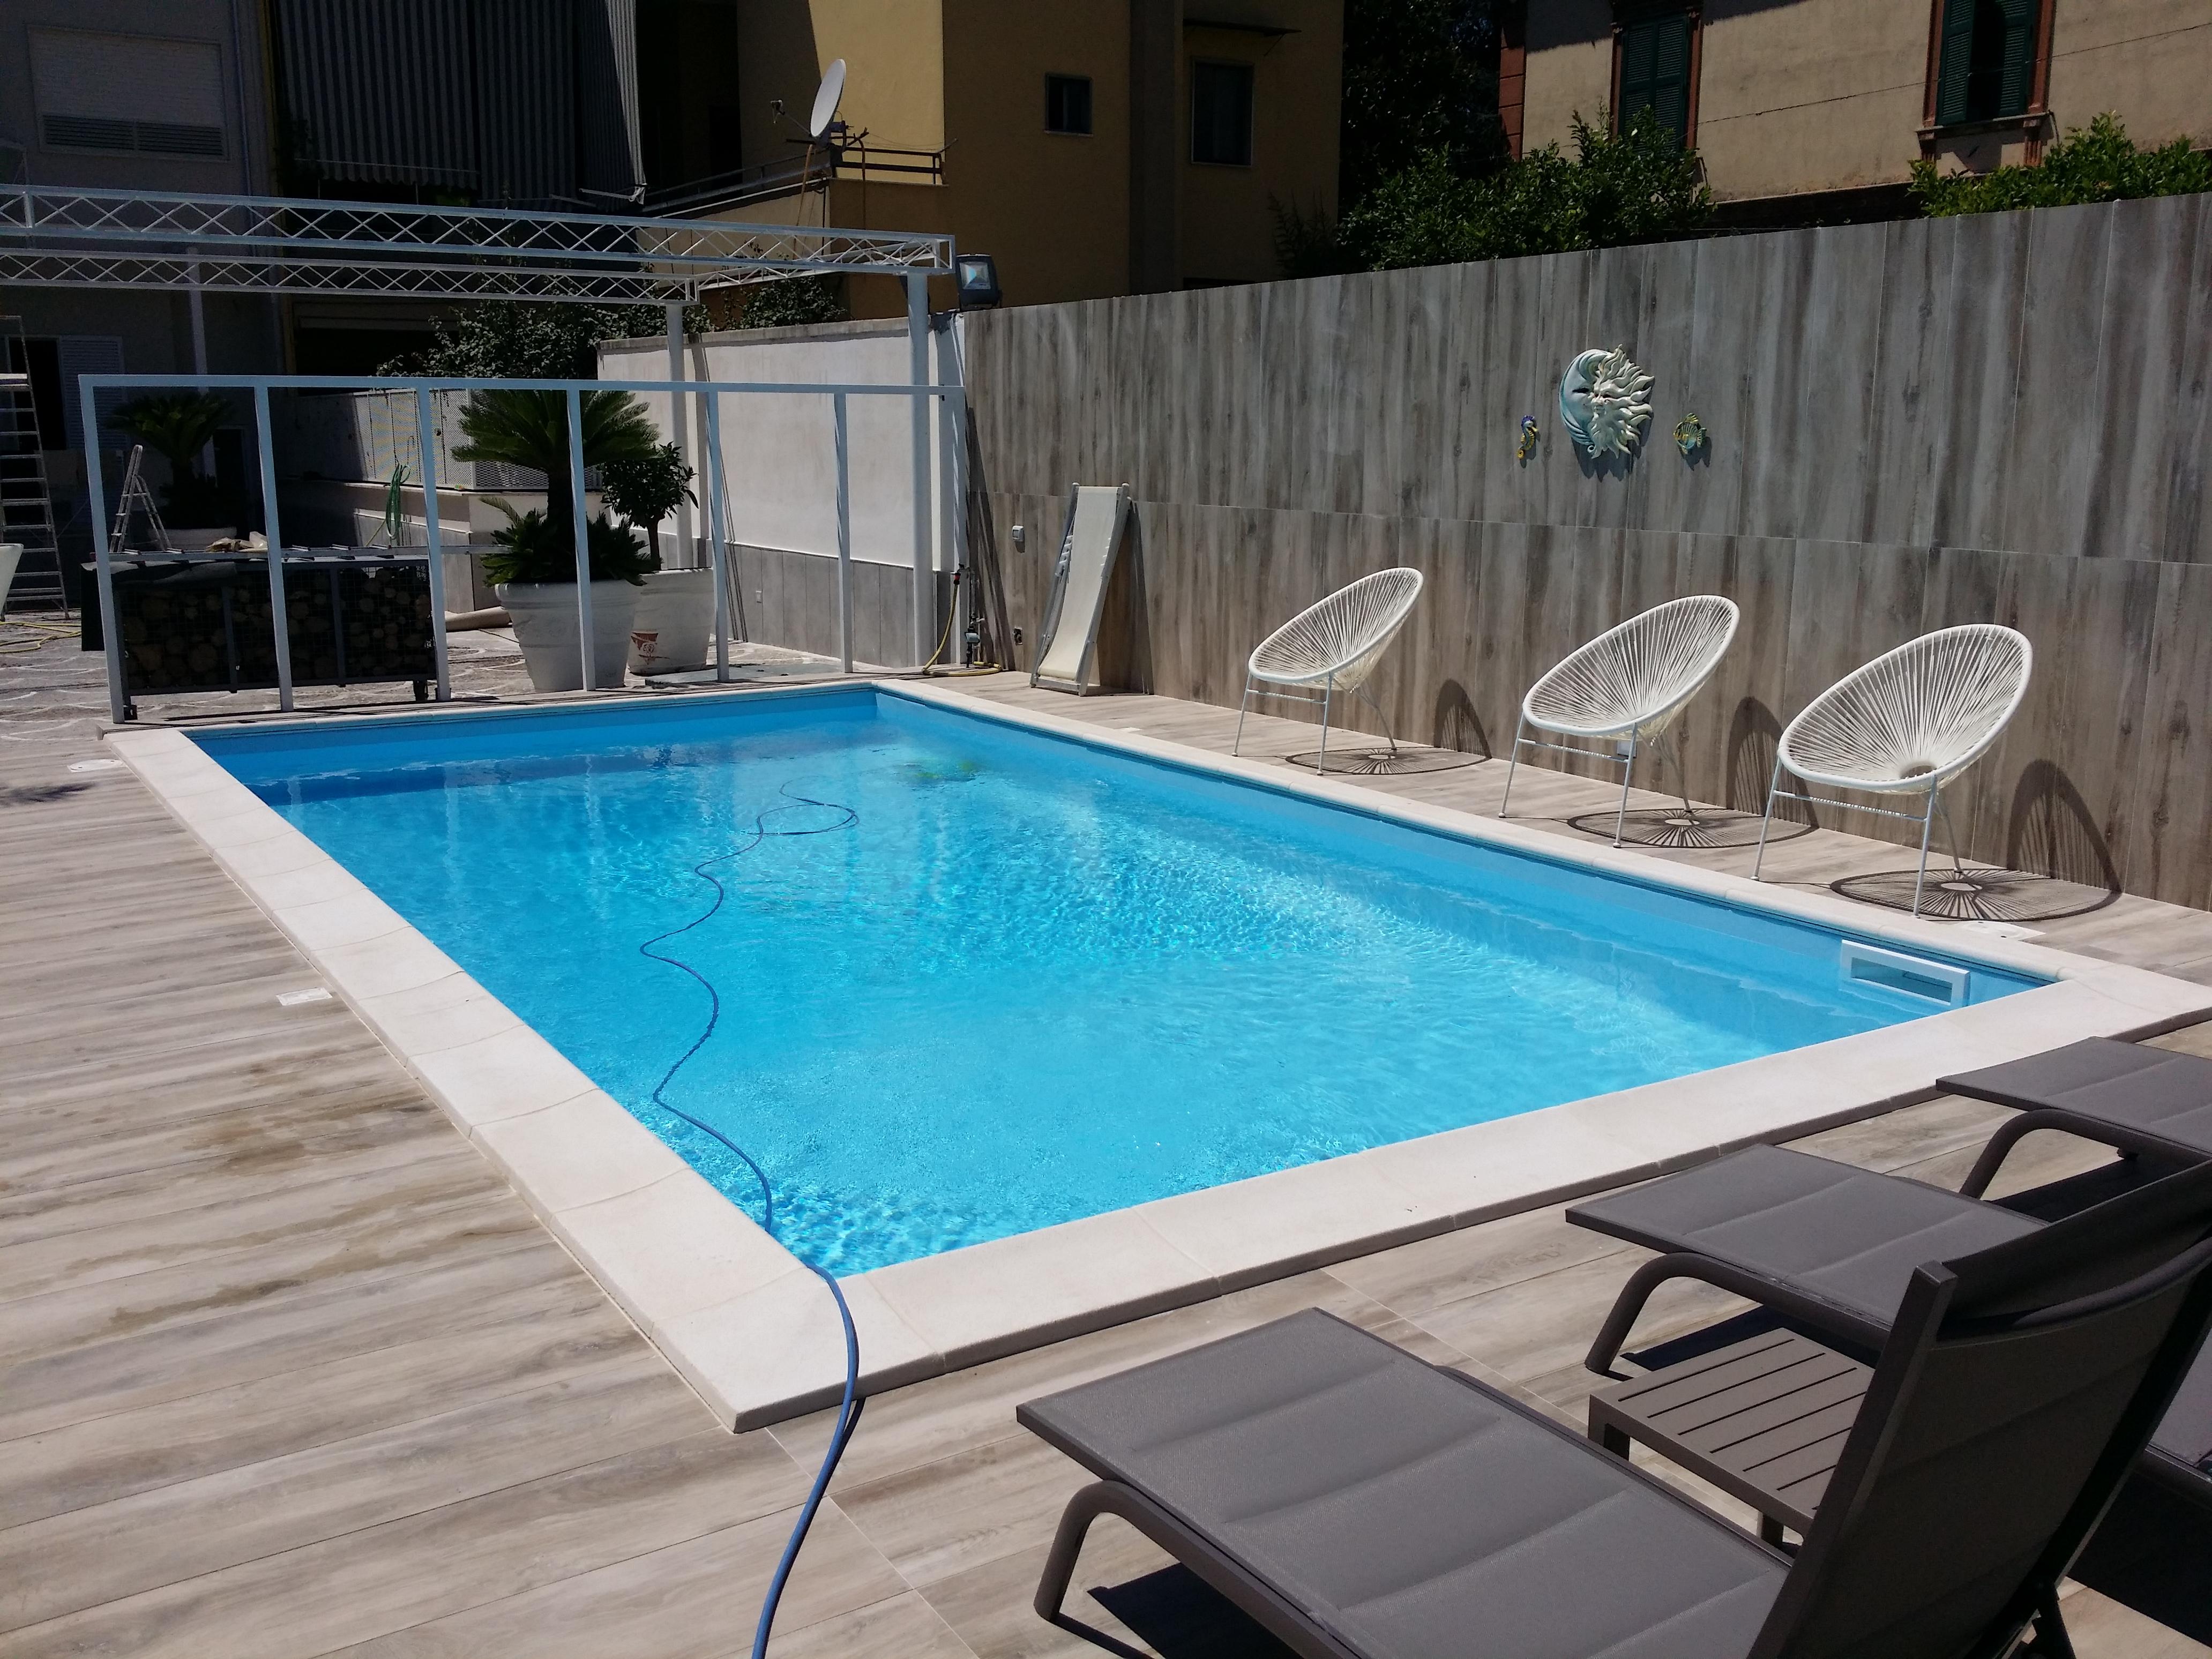 costruzione piscine a Giugliano in Campania Napoli